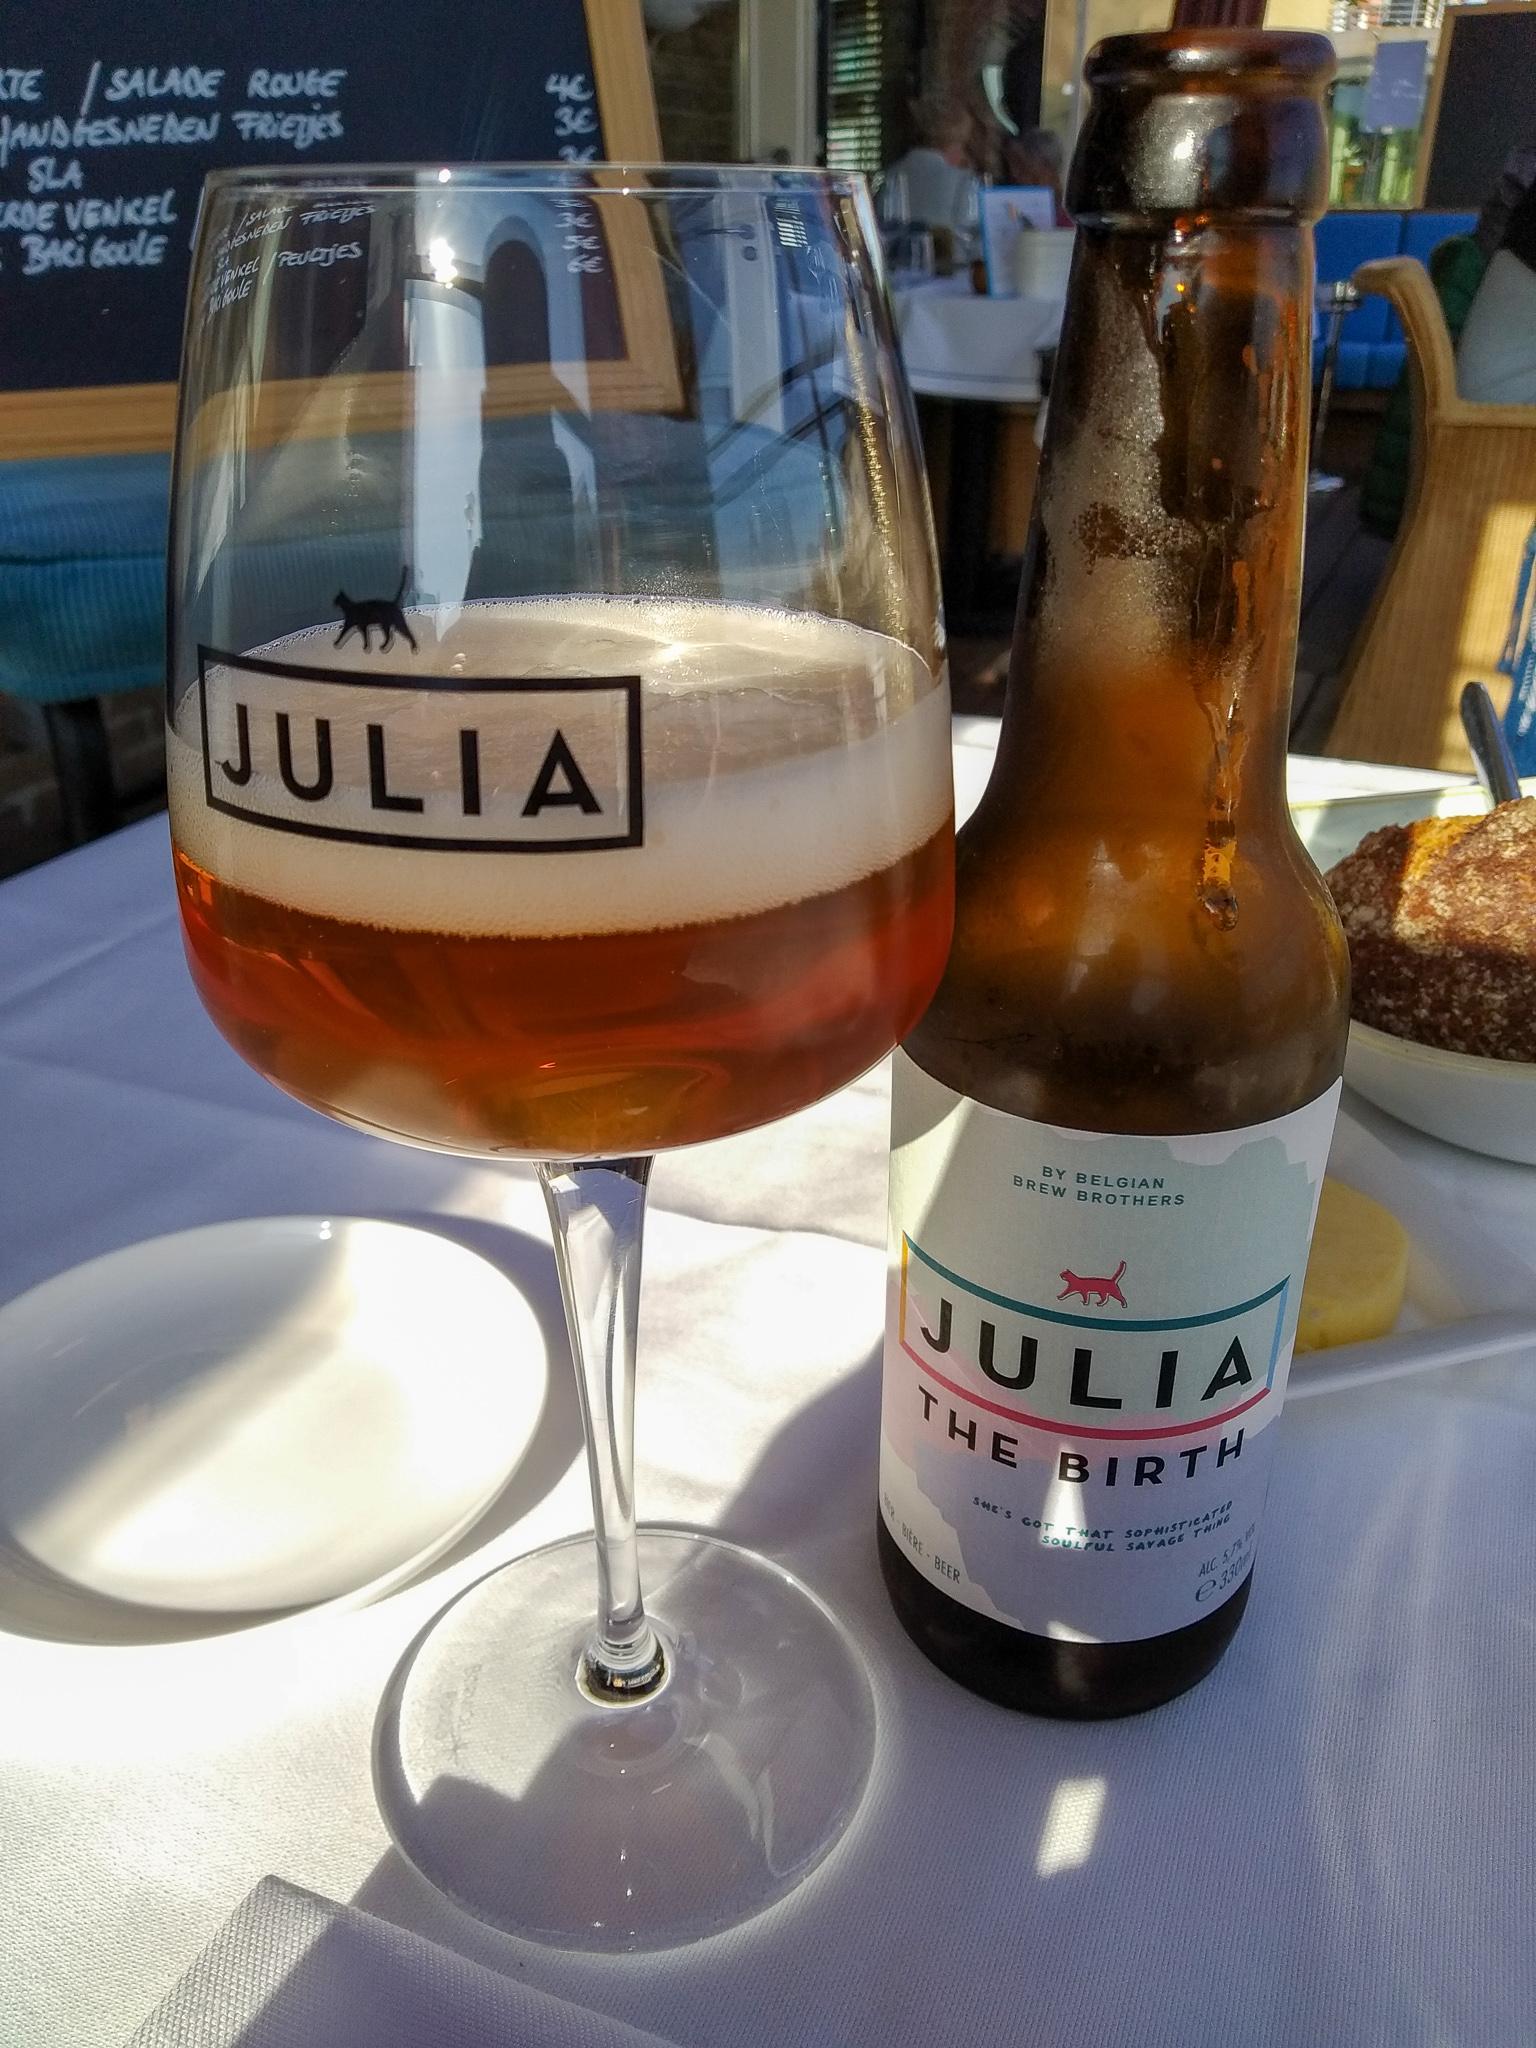 Julia koksijde en sail & anchor